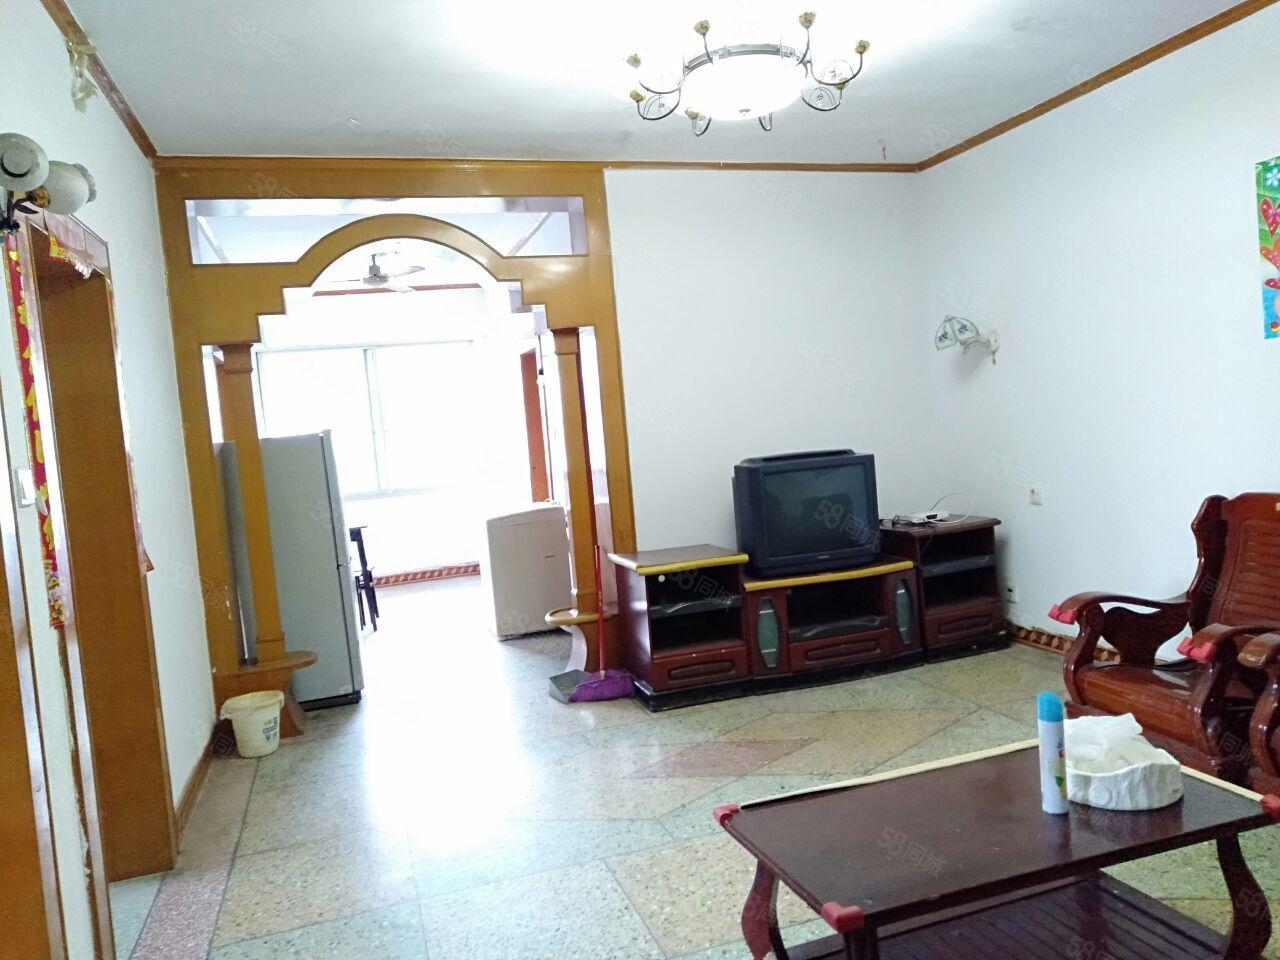 东街3室2厅110平米家具电器齐全拎包入住随时看房入住